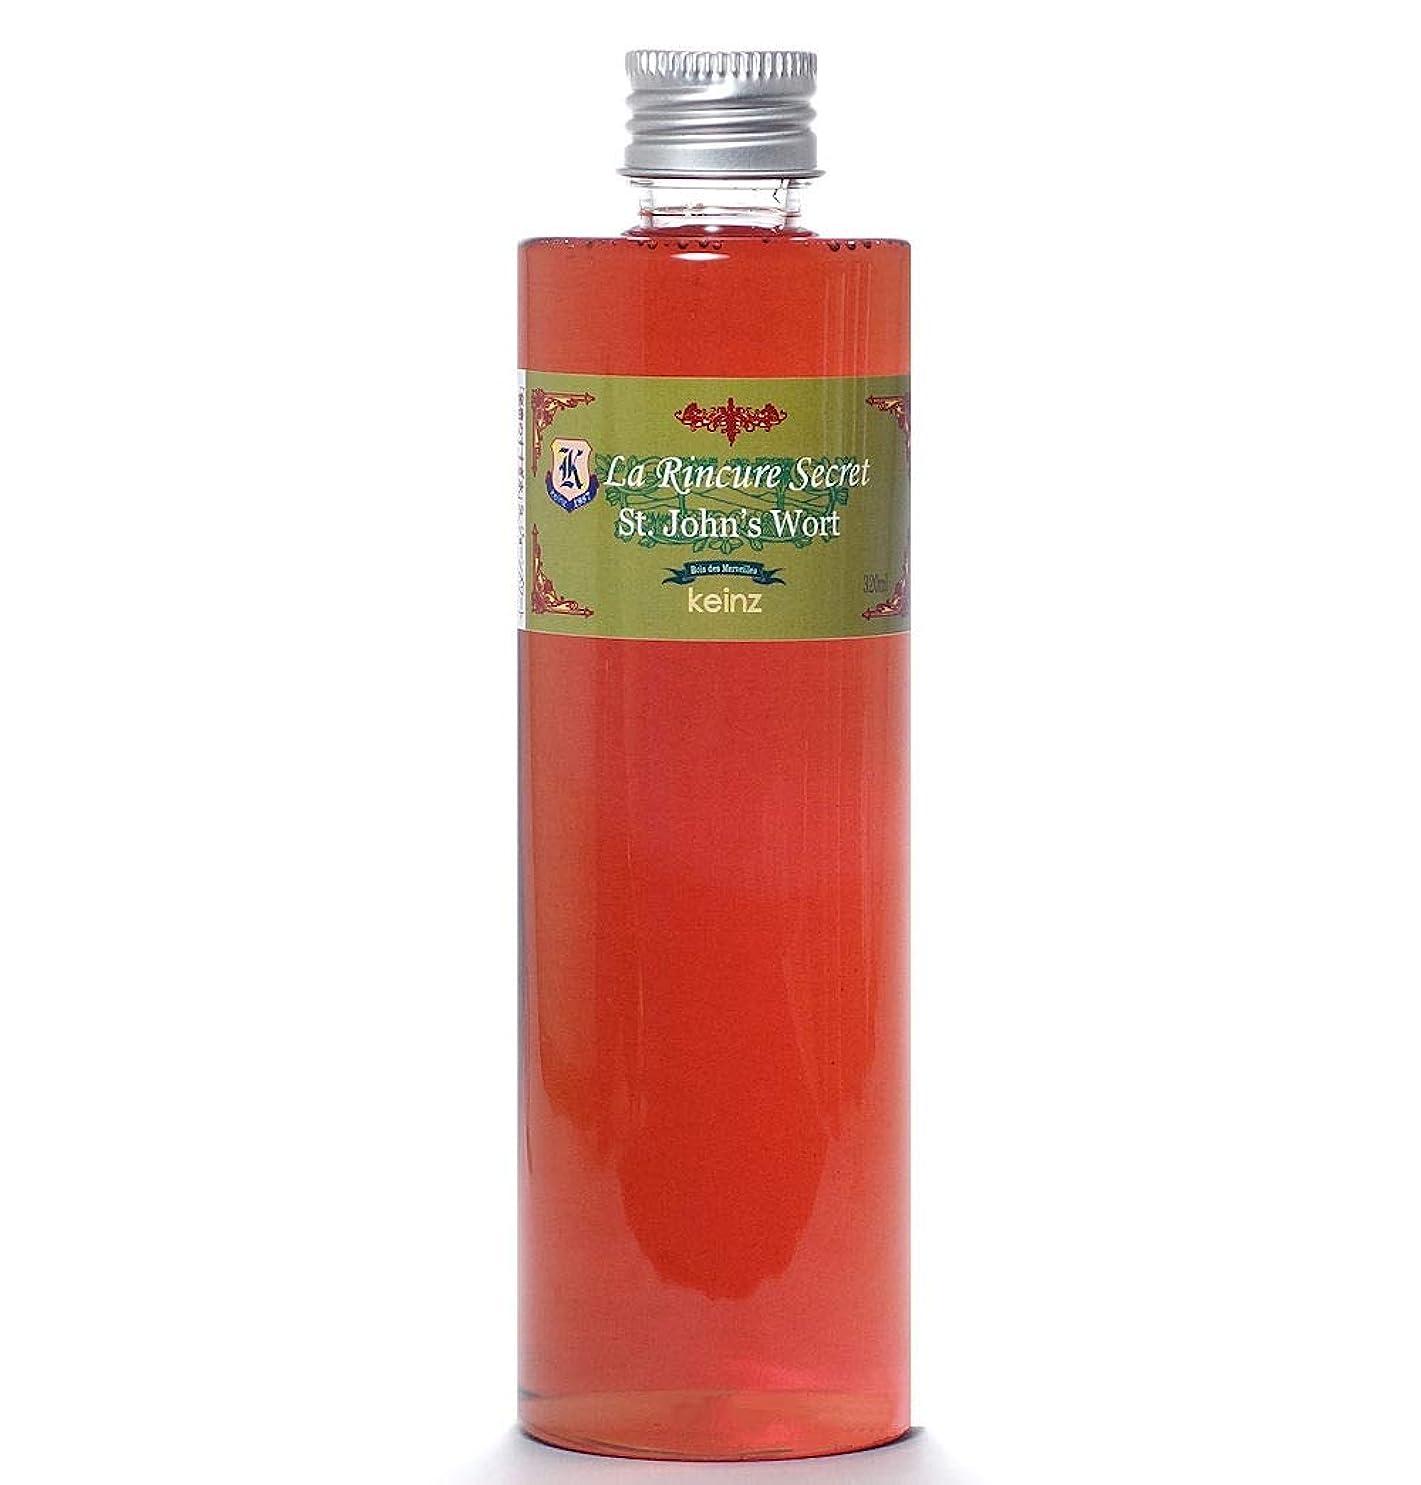 激しいトリクルピクニックkeinz 石鹸シャンプー専用(合成シャンプーには使えません) St.ジョーンズワート(聖ヨハネ)の花葉と実/聖ヨハネの草(ハンガリー産)で作った気持ちの良いハーブトリートメント 『秘密のすすぎ水/St. ジョーンズ?ワート』【送料無料】完全無添加 化学薬品不使用 420g(約130回分/320ml) 弱酸性 敏感肌用 ゼリータイプ St.ジョーンズ?ワート ドライハーブを漬け込んでエキスを抽出